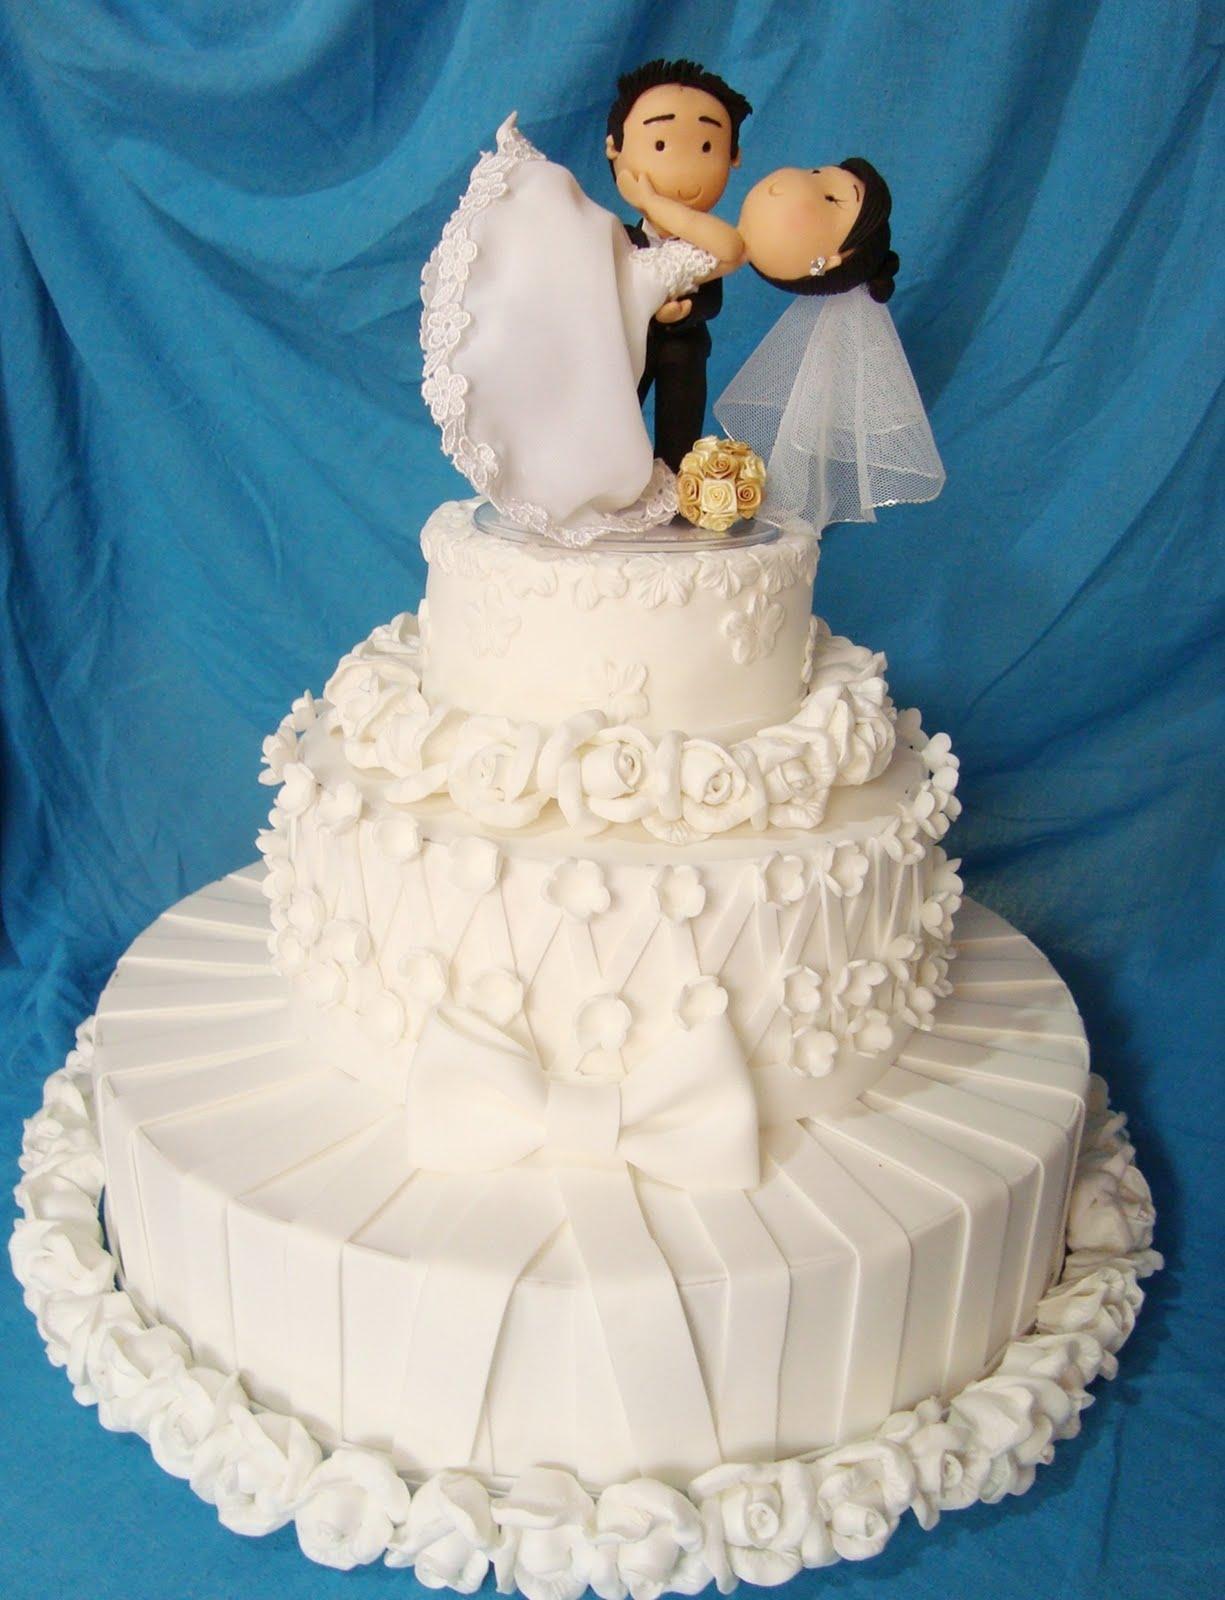 decoracao alternativa e barata para casamento: de Palmas: Alternativa barata para decoração: arranjos em E.V.A